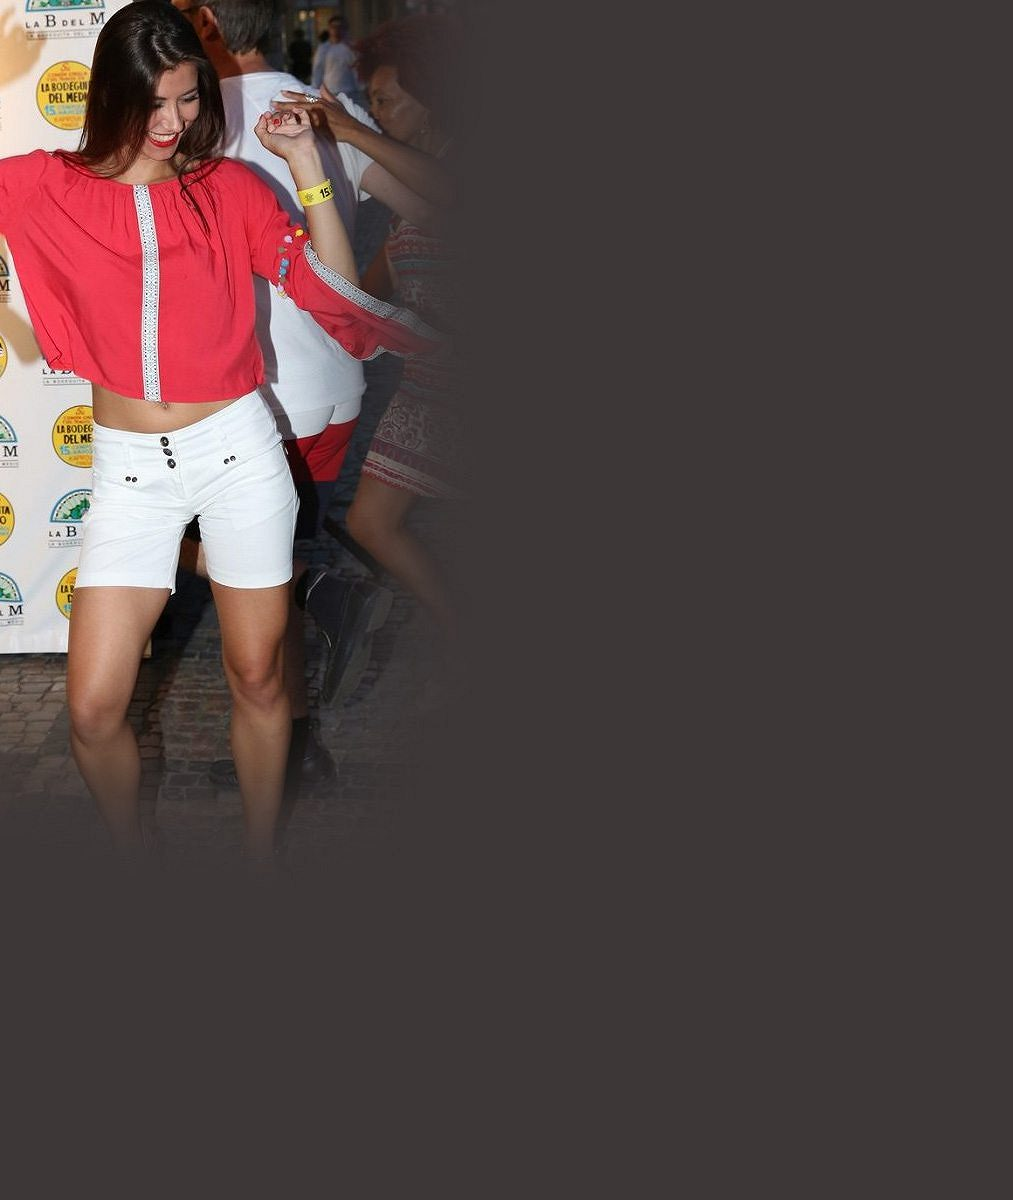 Majitelka populárního zadečku jej rozvlnila: Takhle to umí roztočit v brazilských rytmech vítězka StarDance